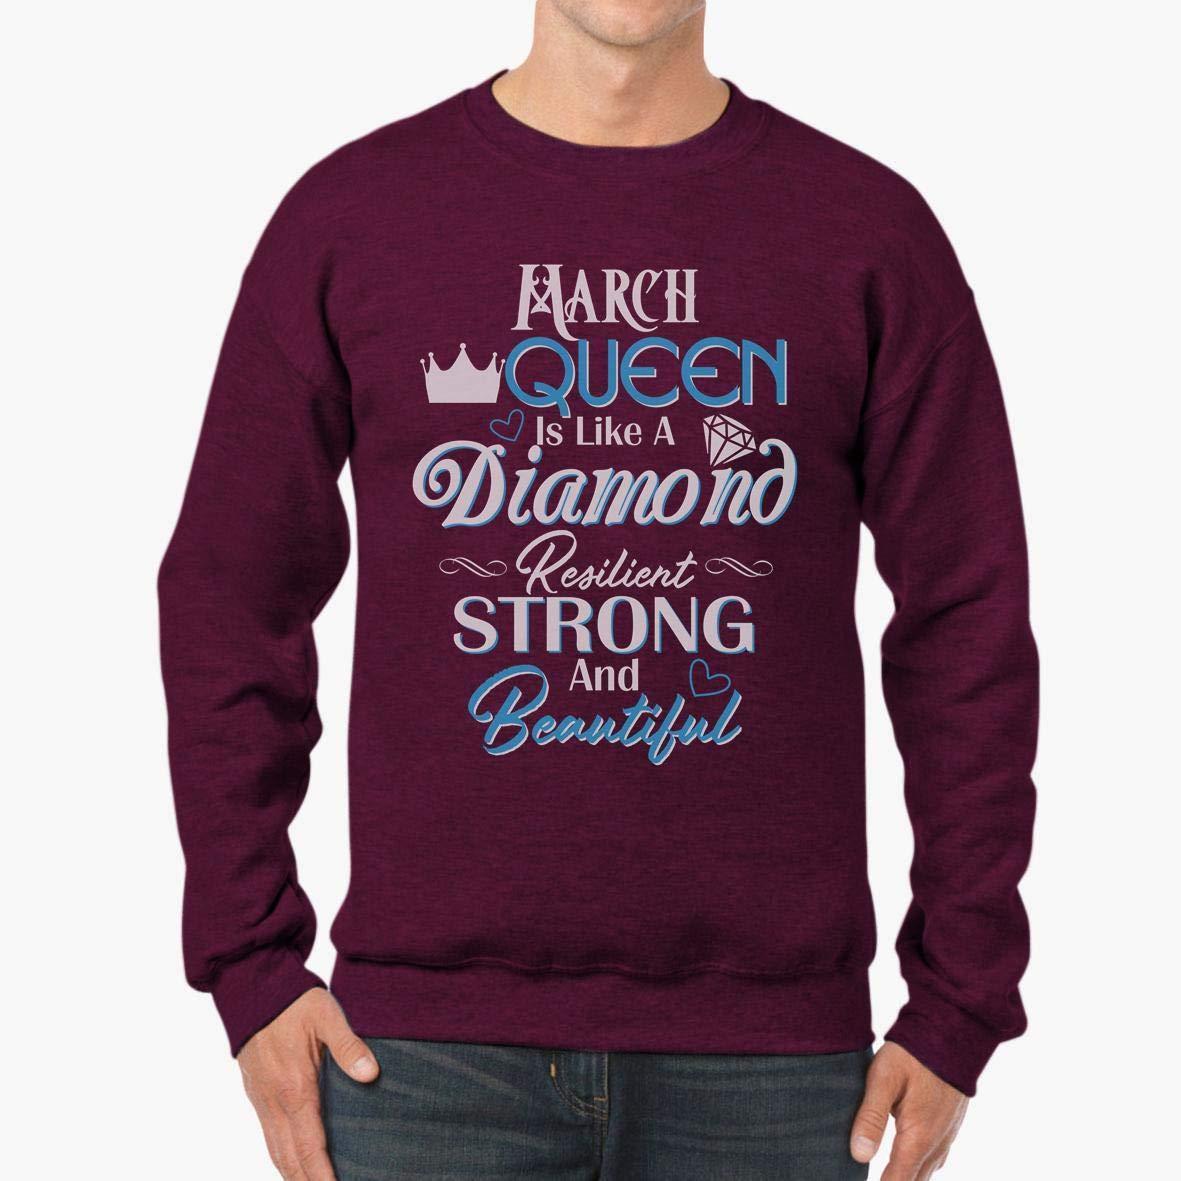 March Queen is Like A Diamond Unisex Sweatshirt tee